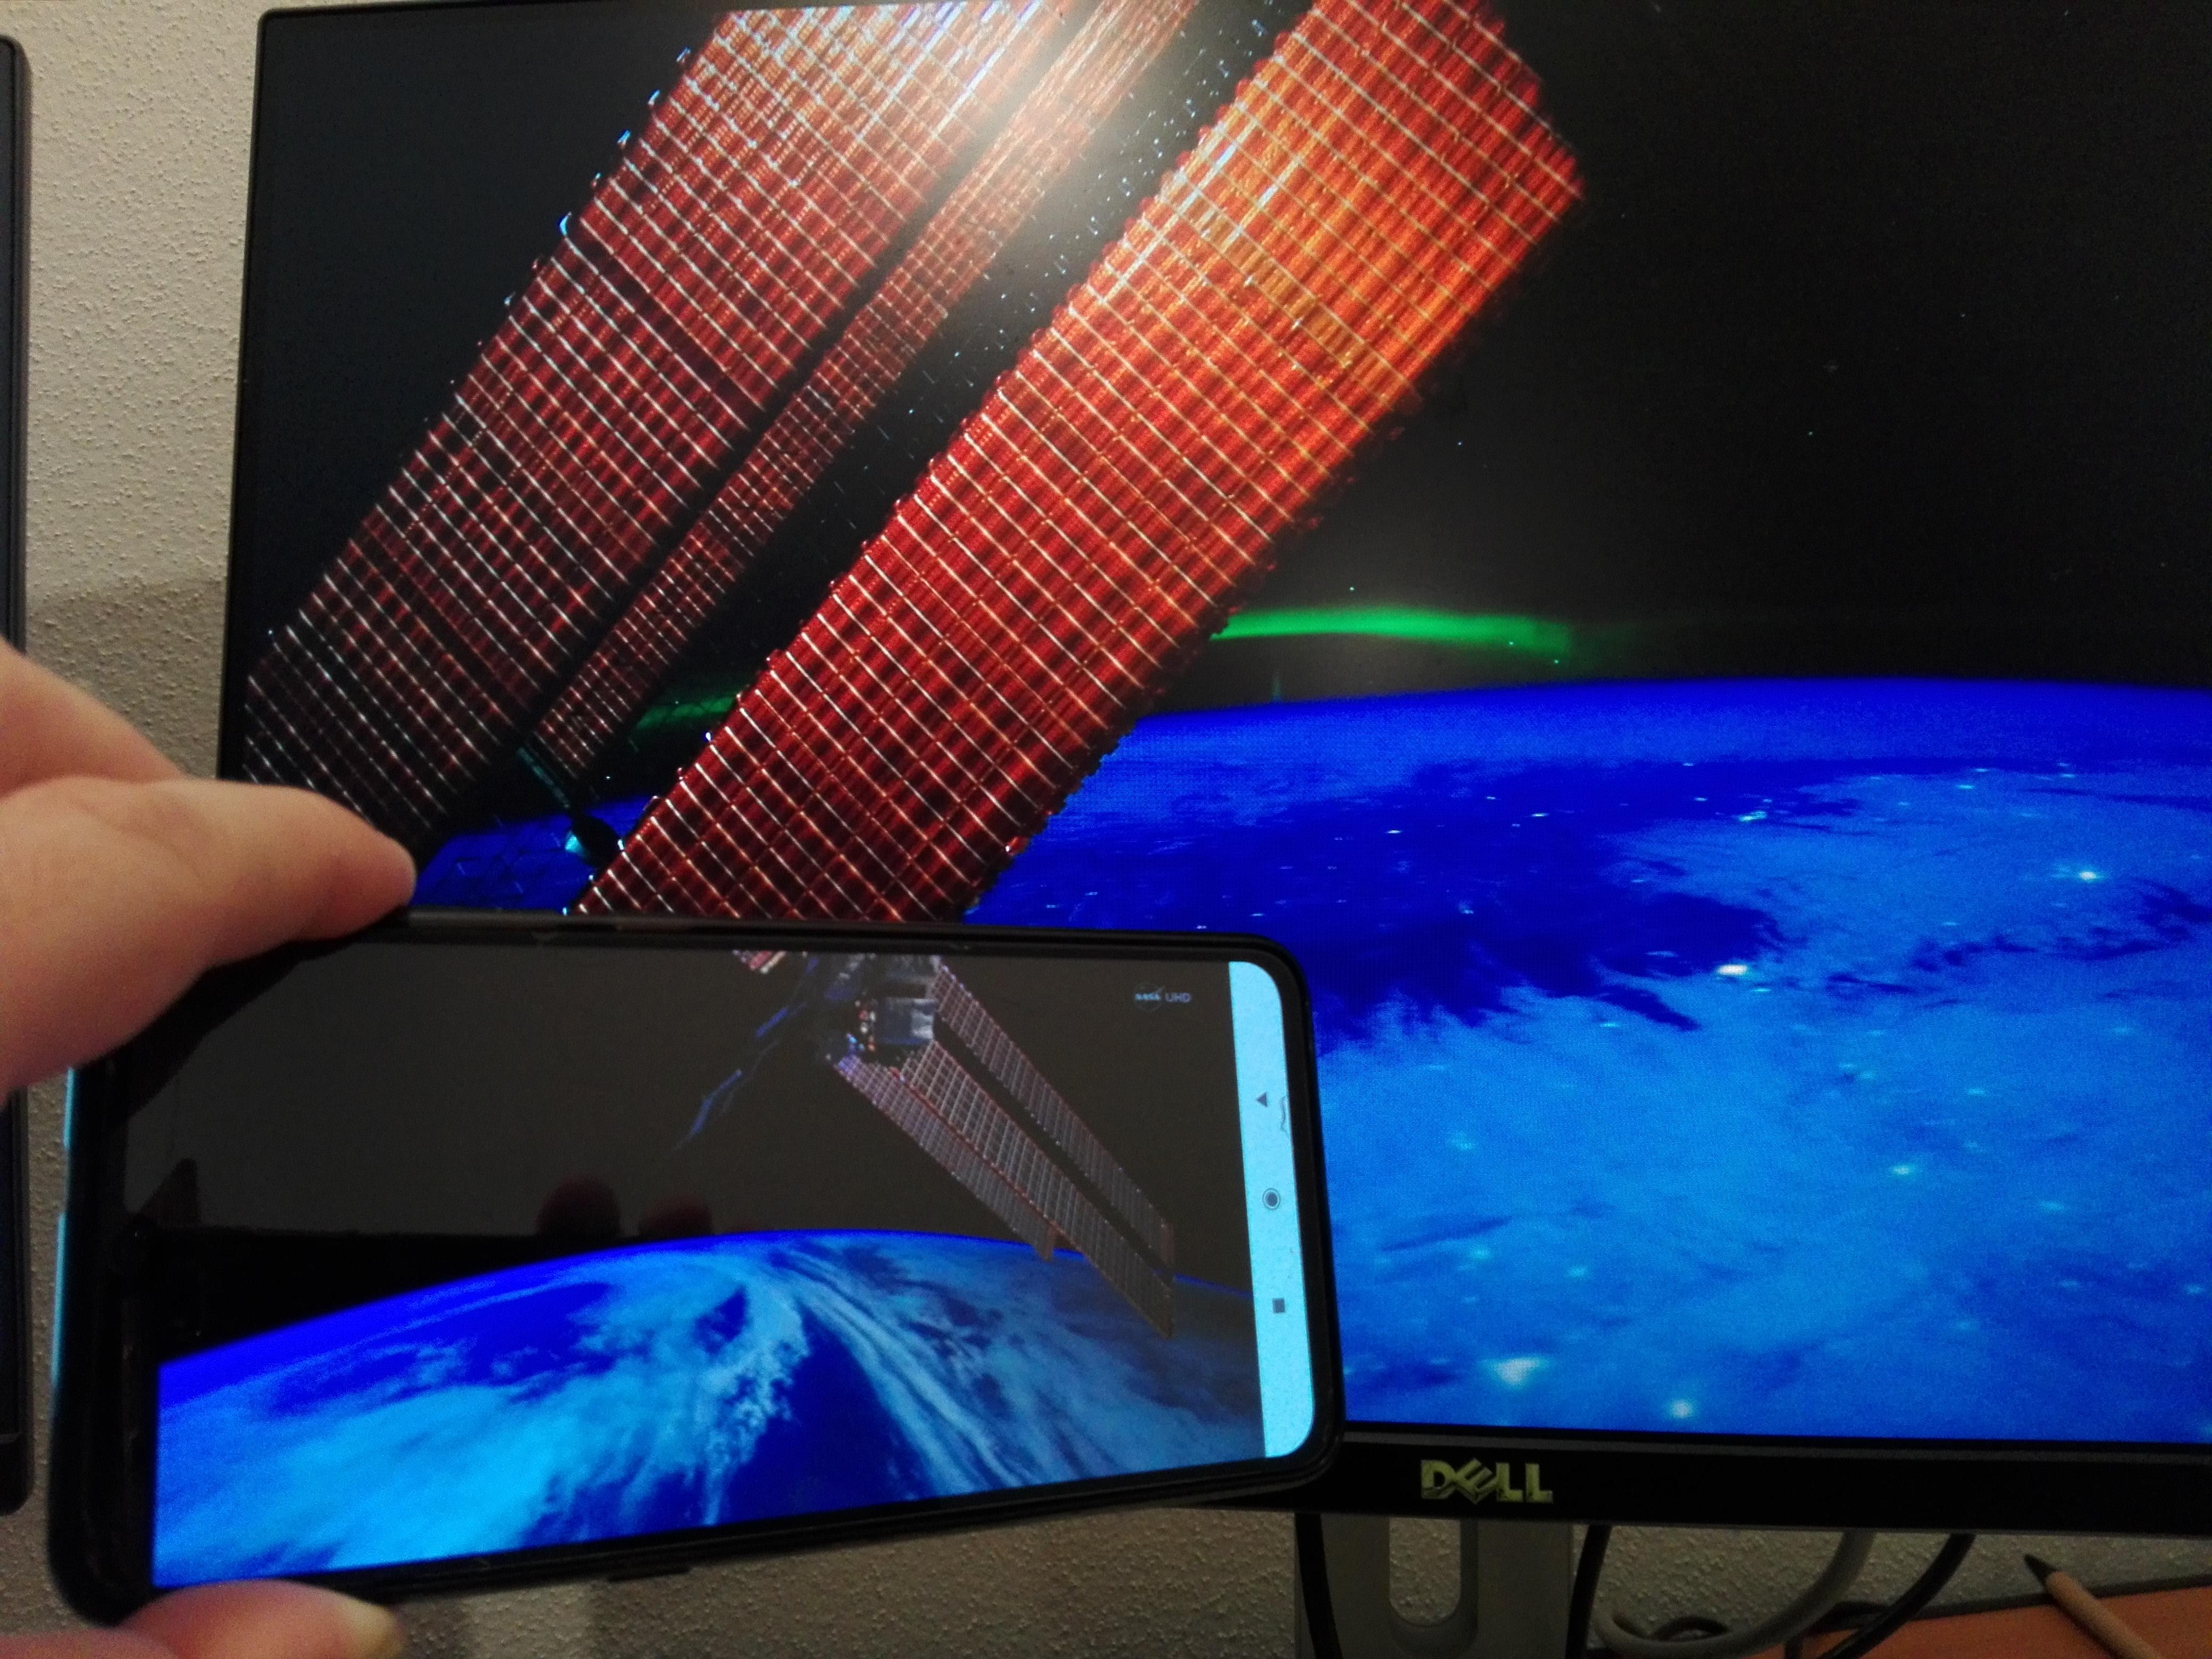 Přijímače VBox Android TV XTi 4144 (DVB-T/T2) jsou připraveny na české Ultra HD (4K)